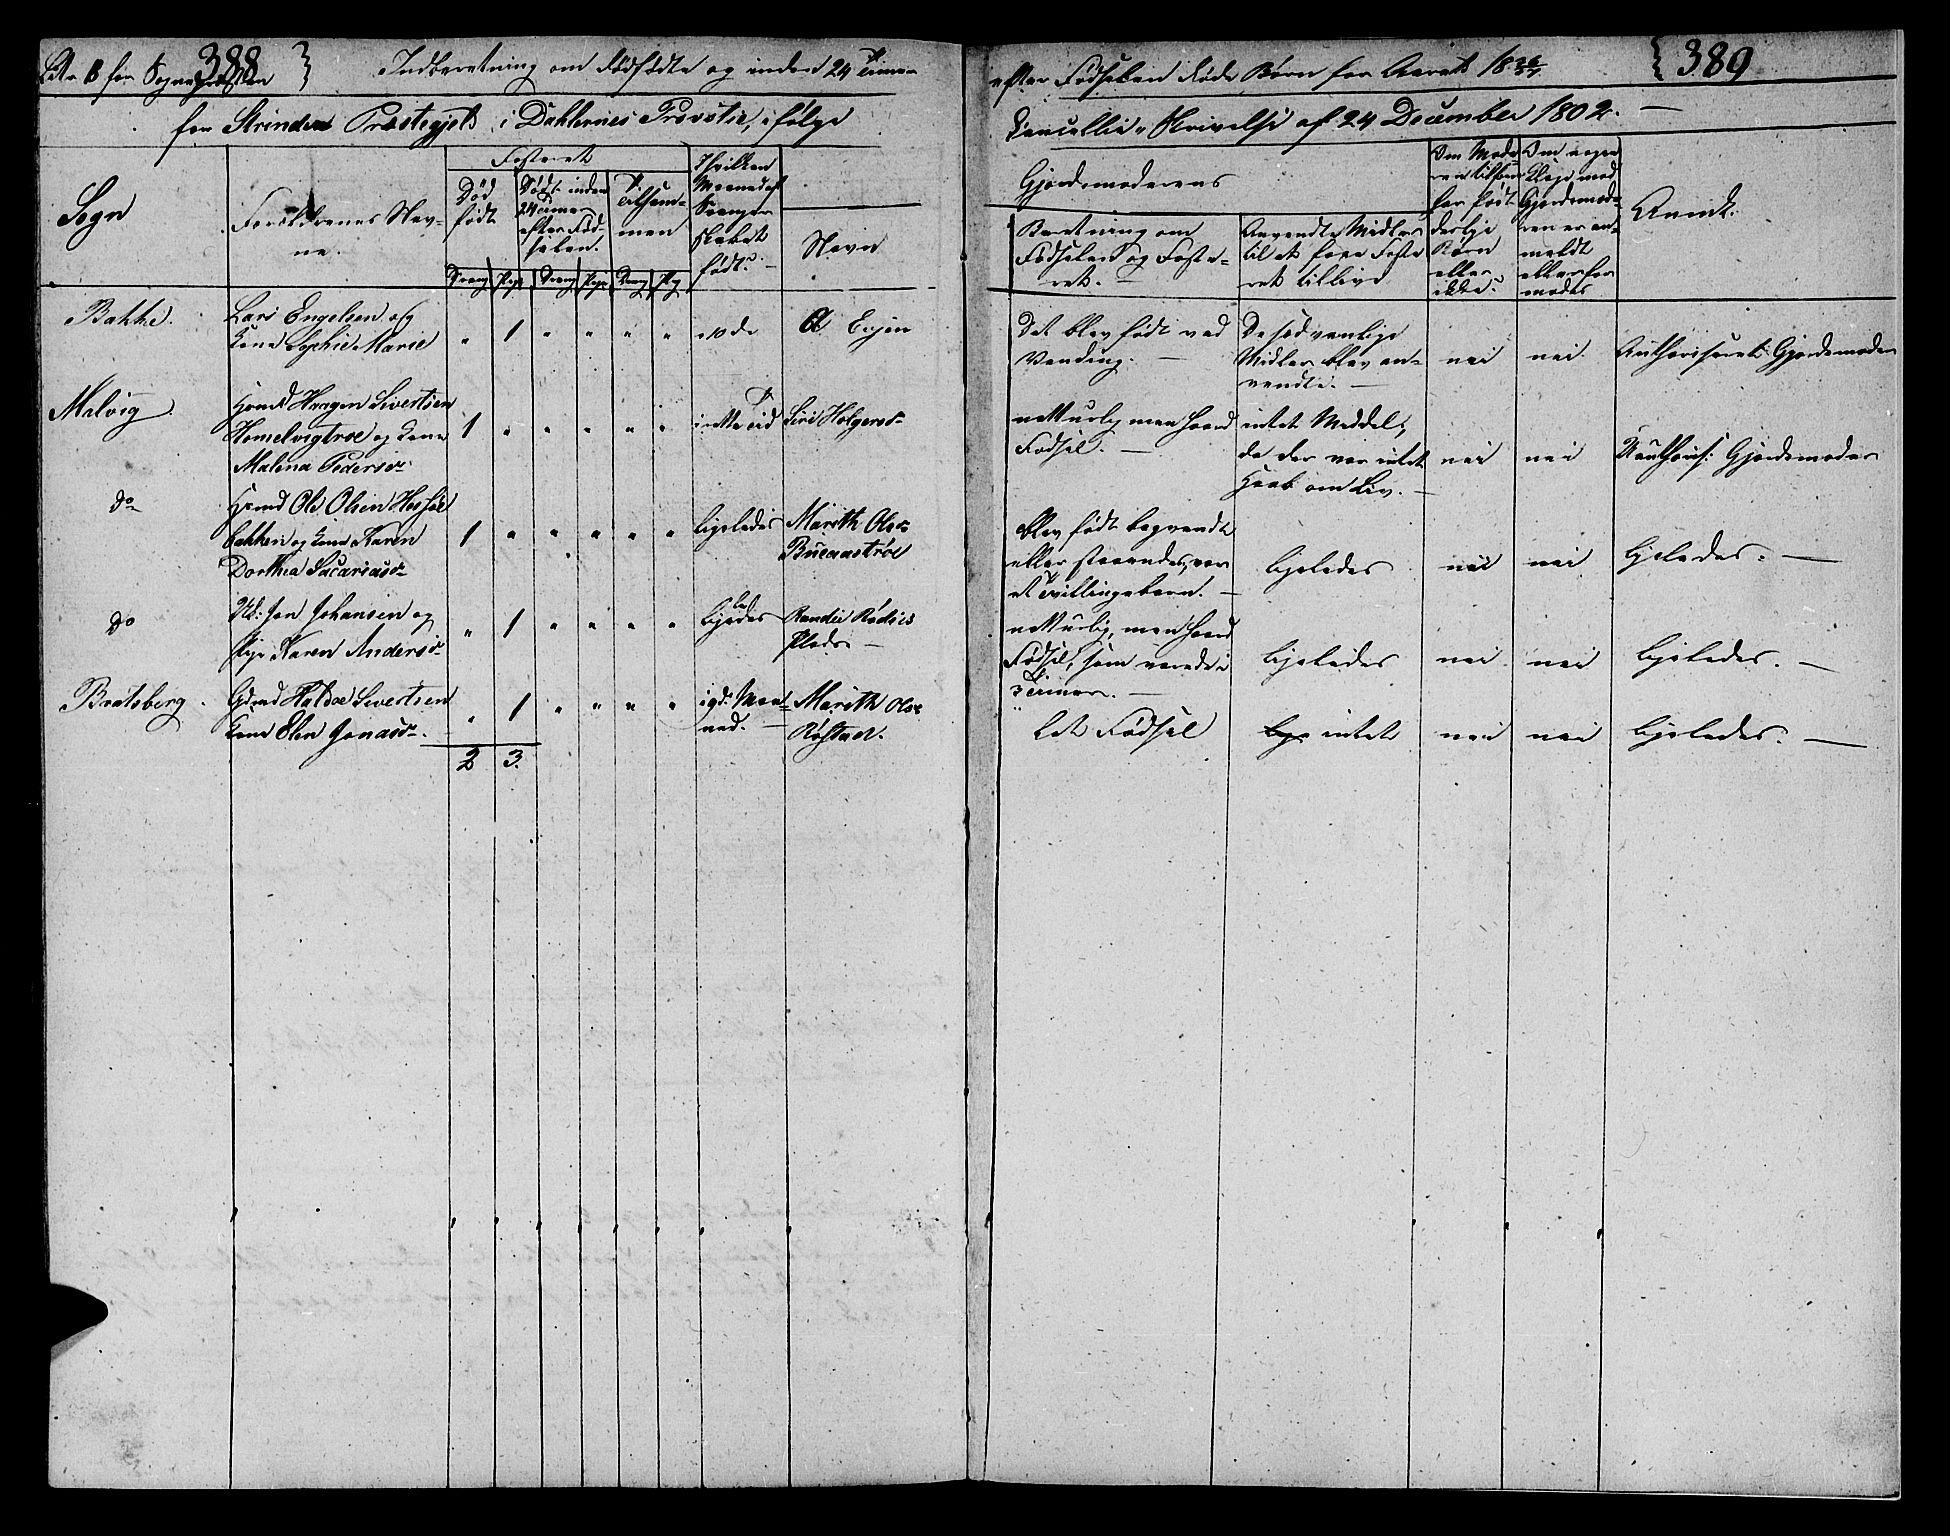 SAT, Ministerialprotokoller, klokkerbøker og fødselsregistre - Sør-Trøndelag, 606/L0306: Klokkerbok nr. 606C02, 1797-1829, s. 388-389